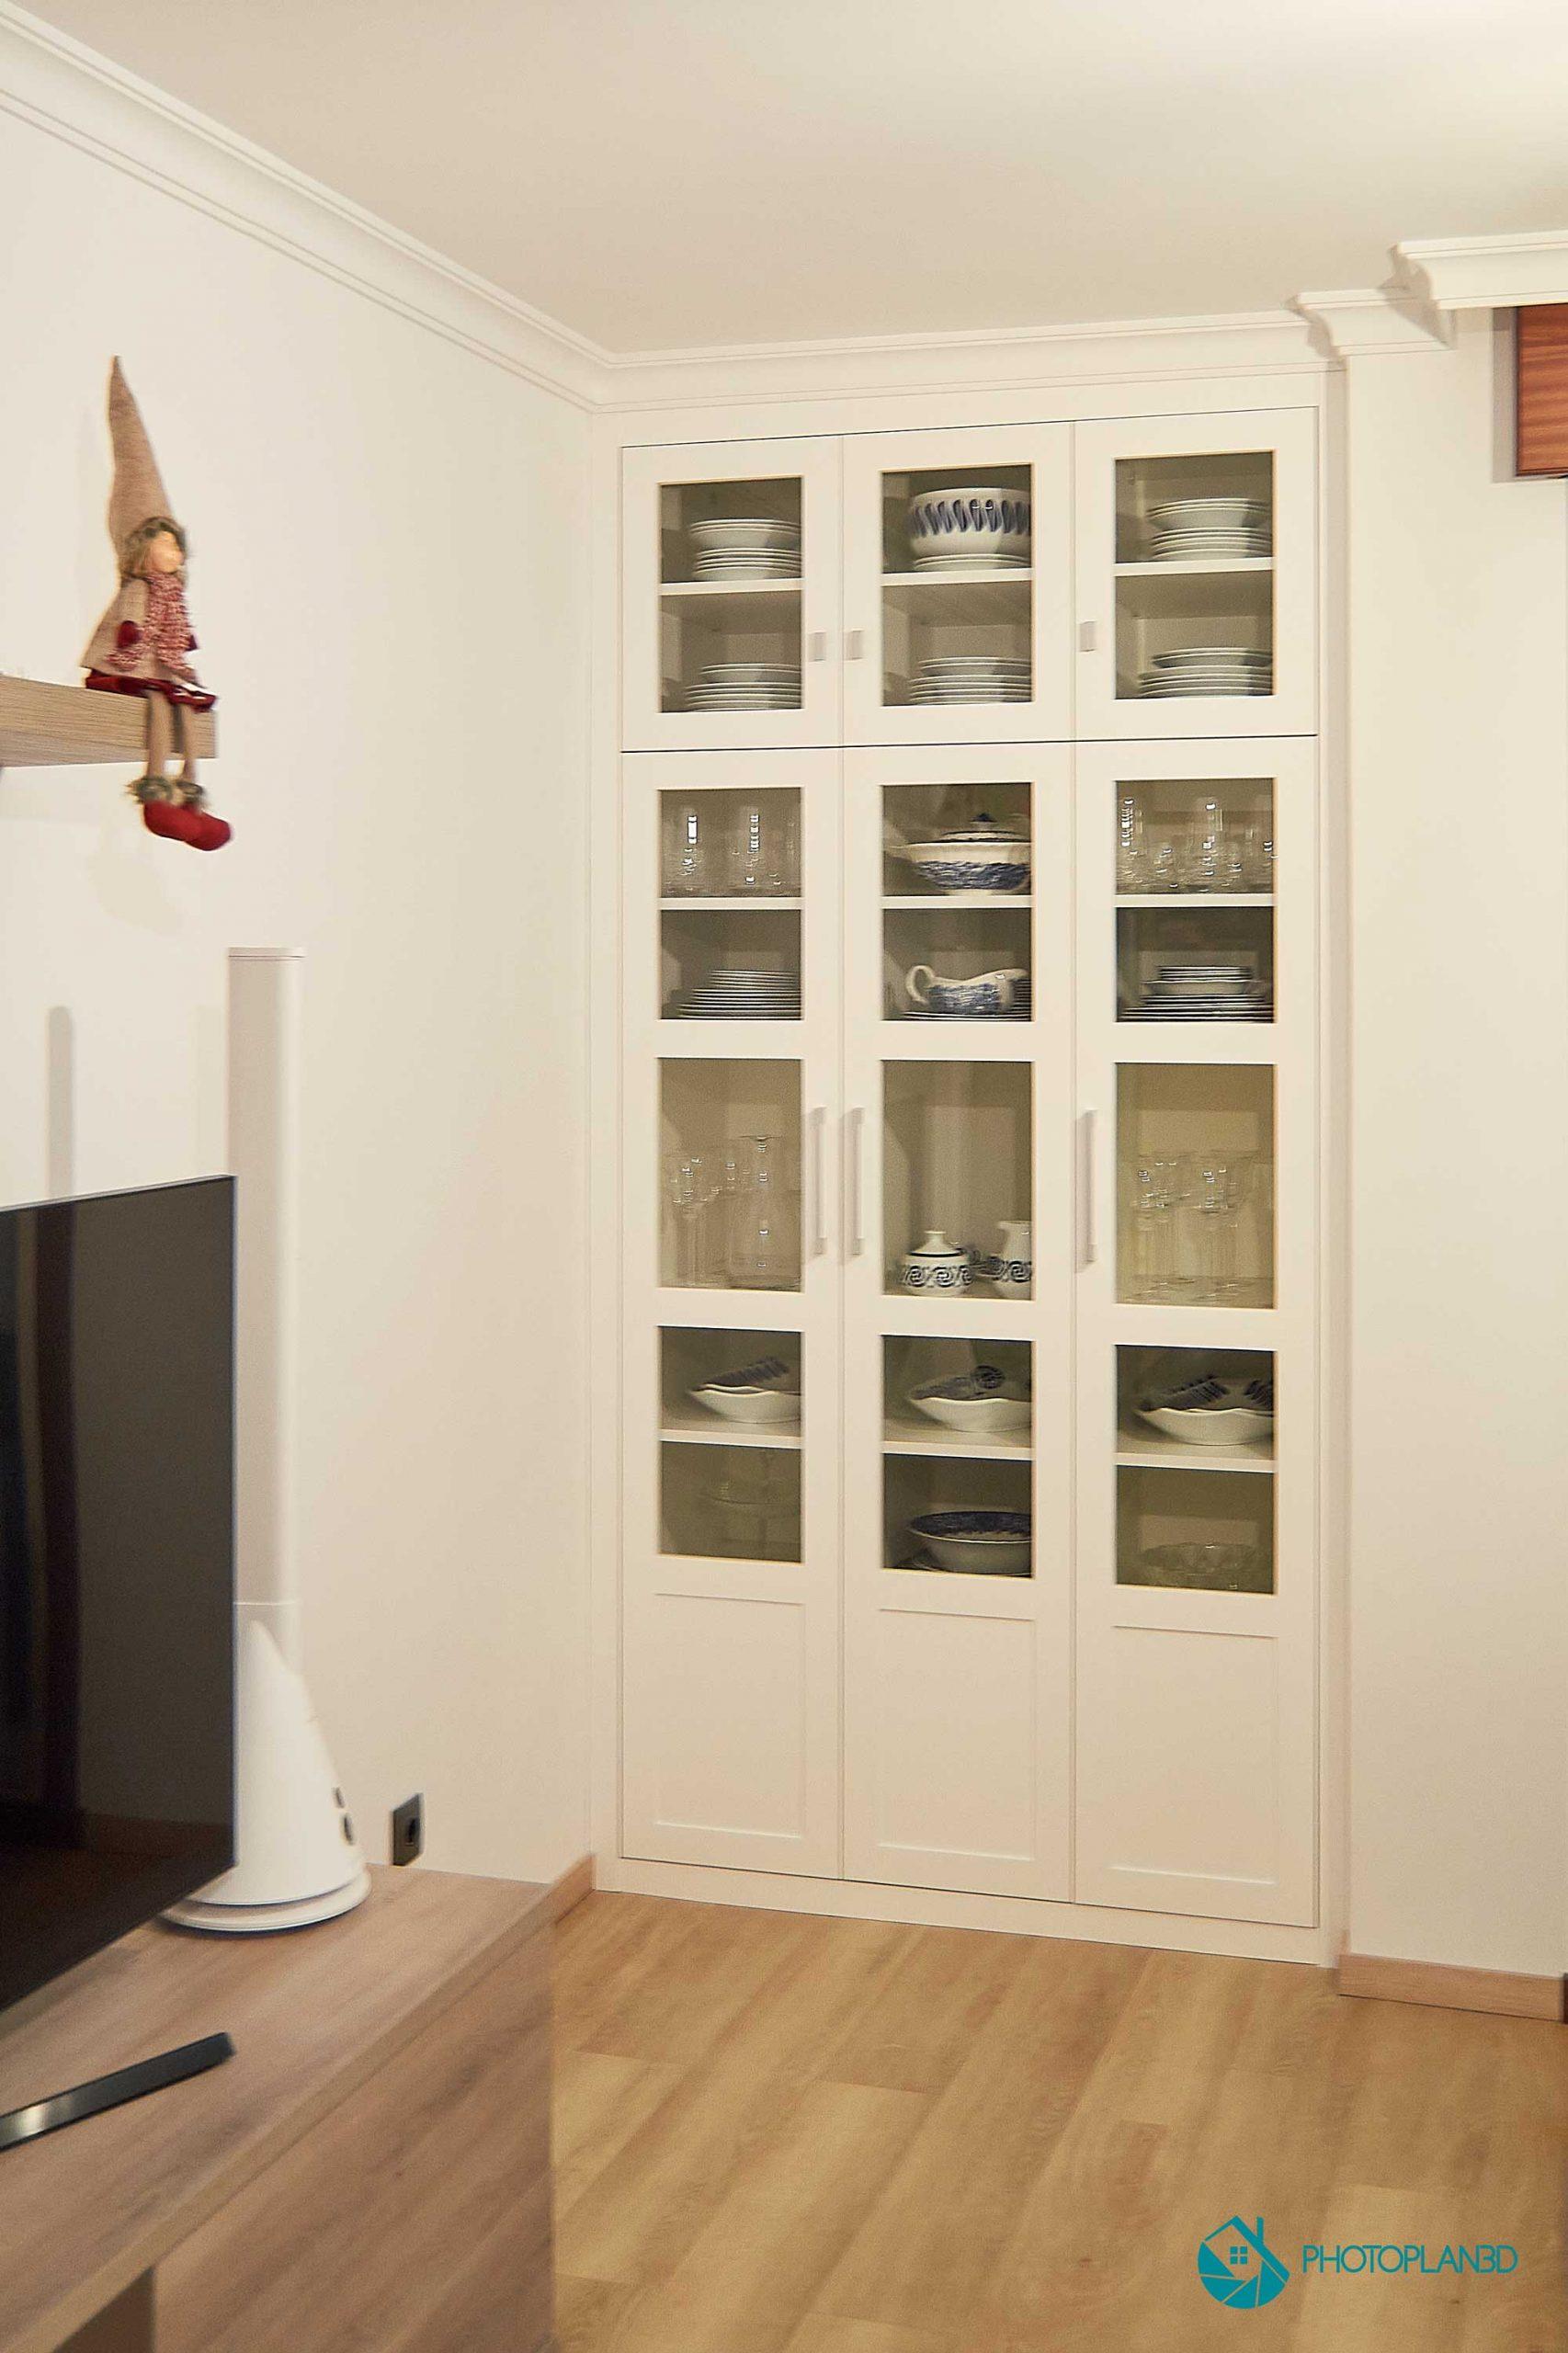 Armario a medida, puerta lacada en blanco con cristal transparente